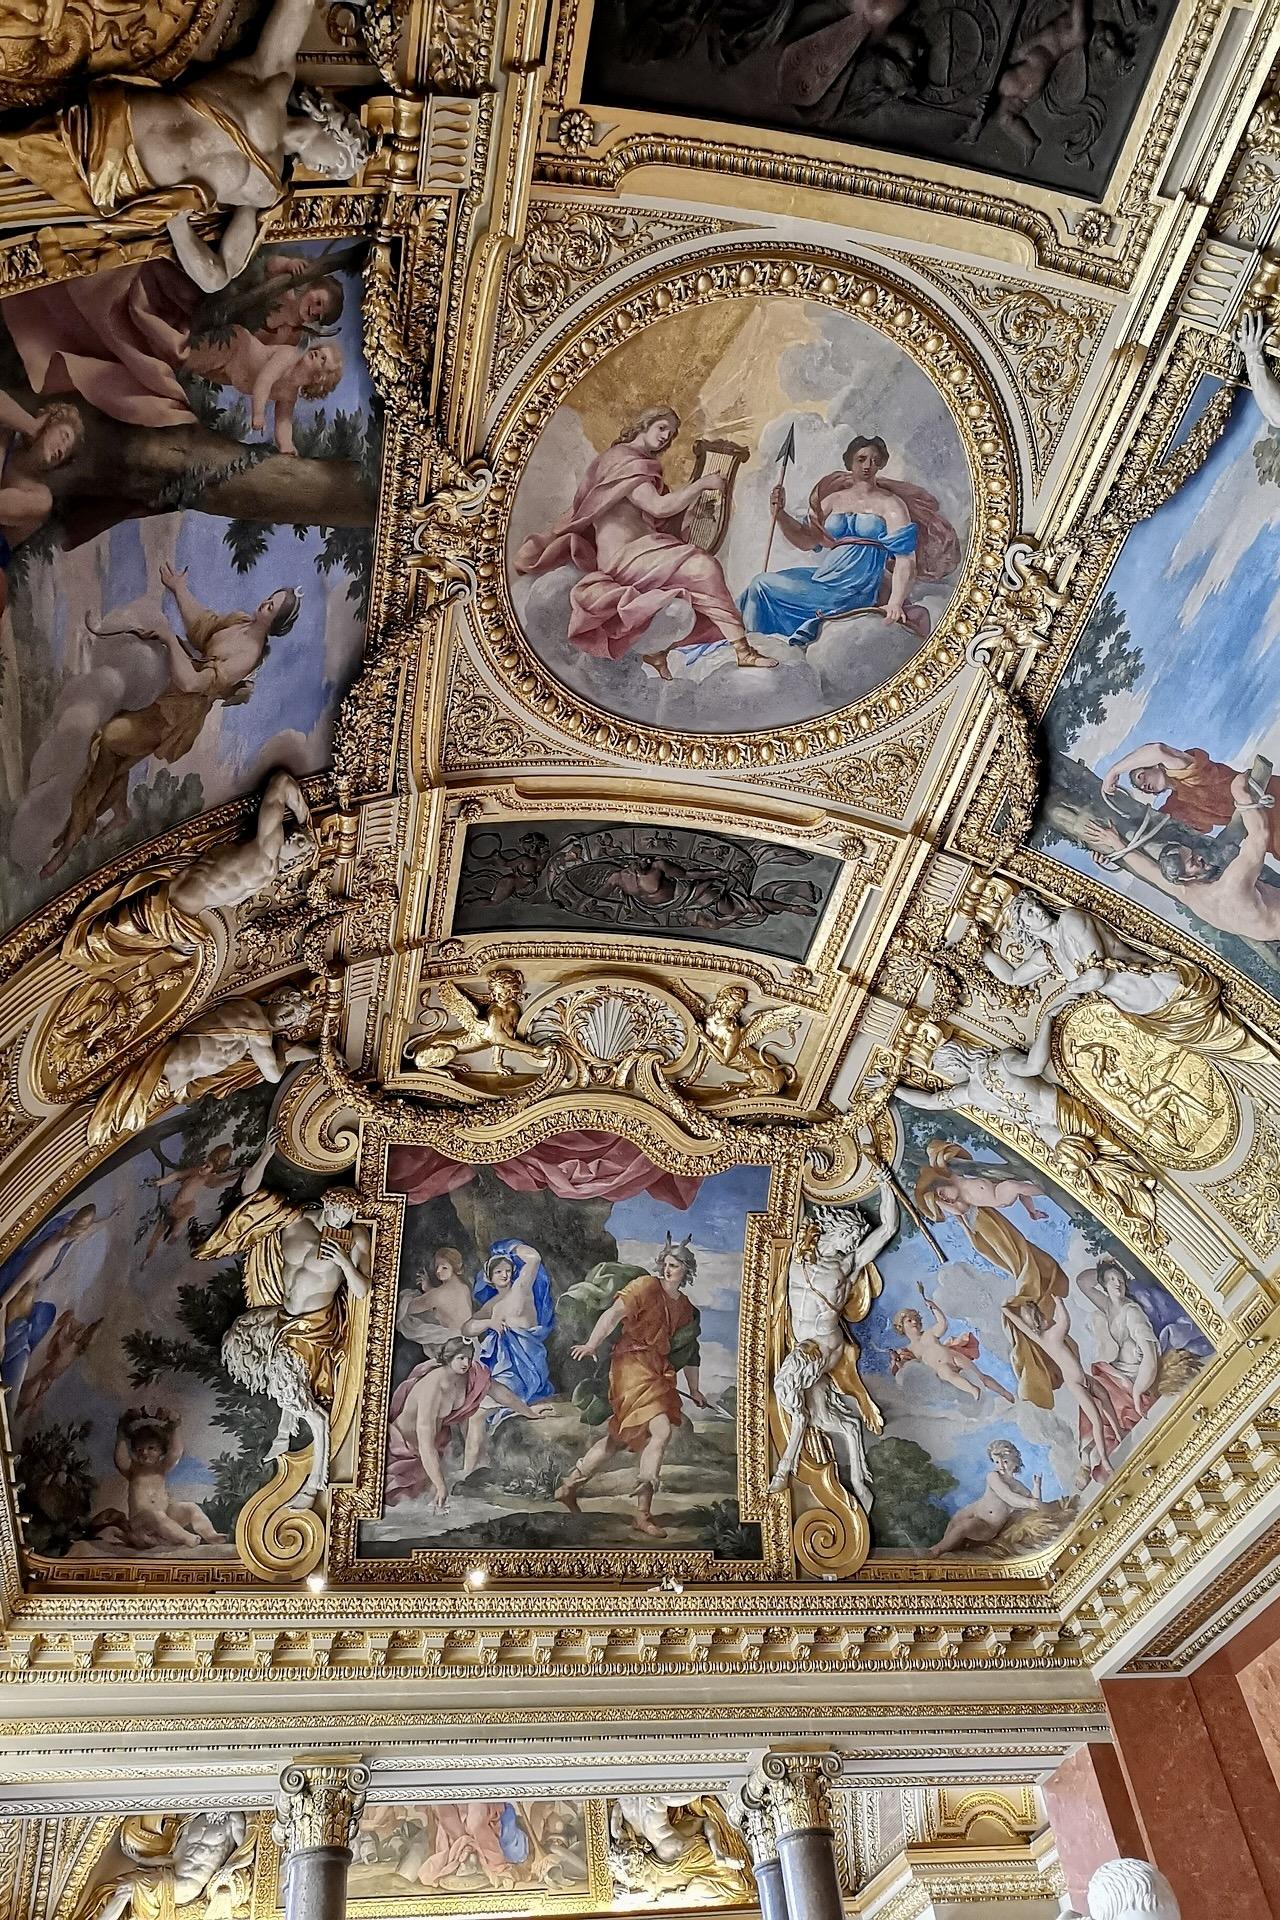 Louvre von innen